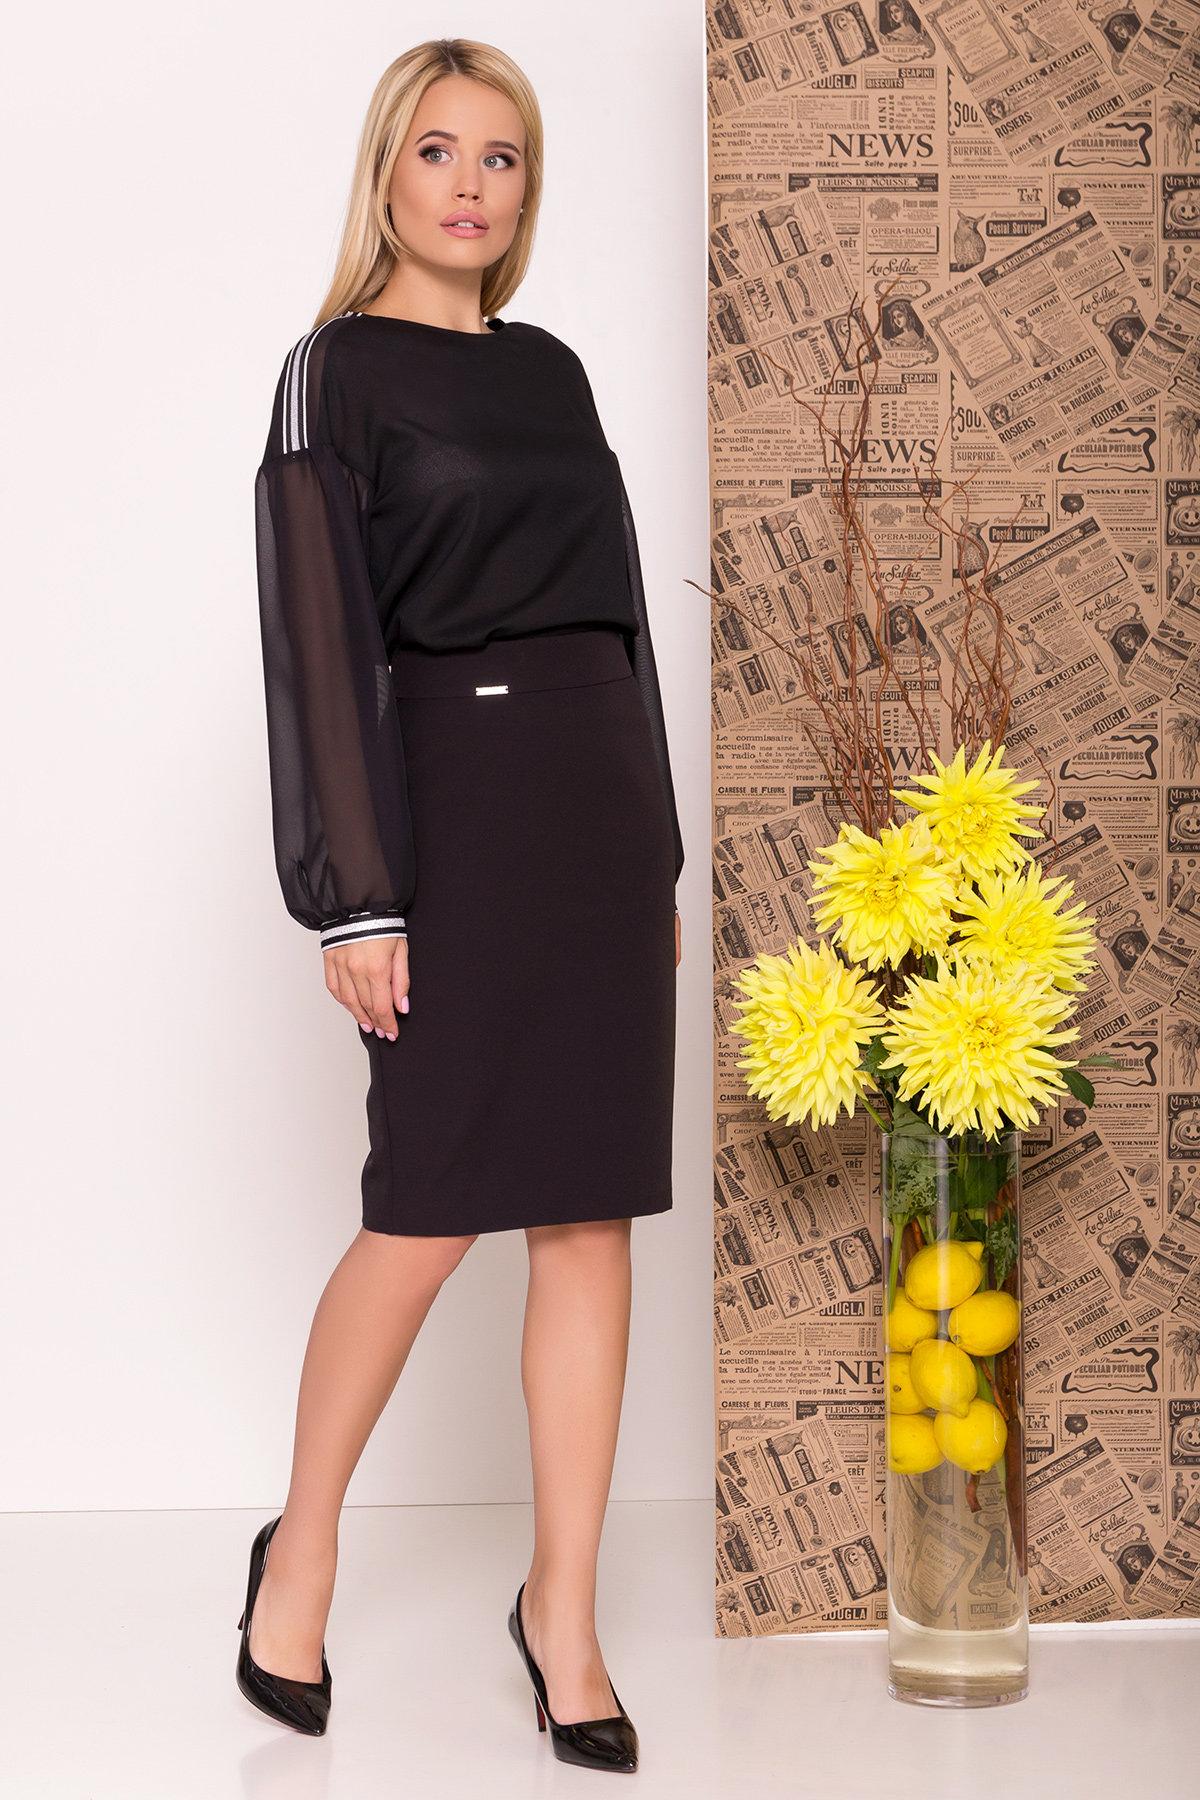 Блуза с широким рукавом Спарта 7741 Цвет: Черный